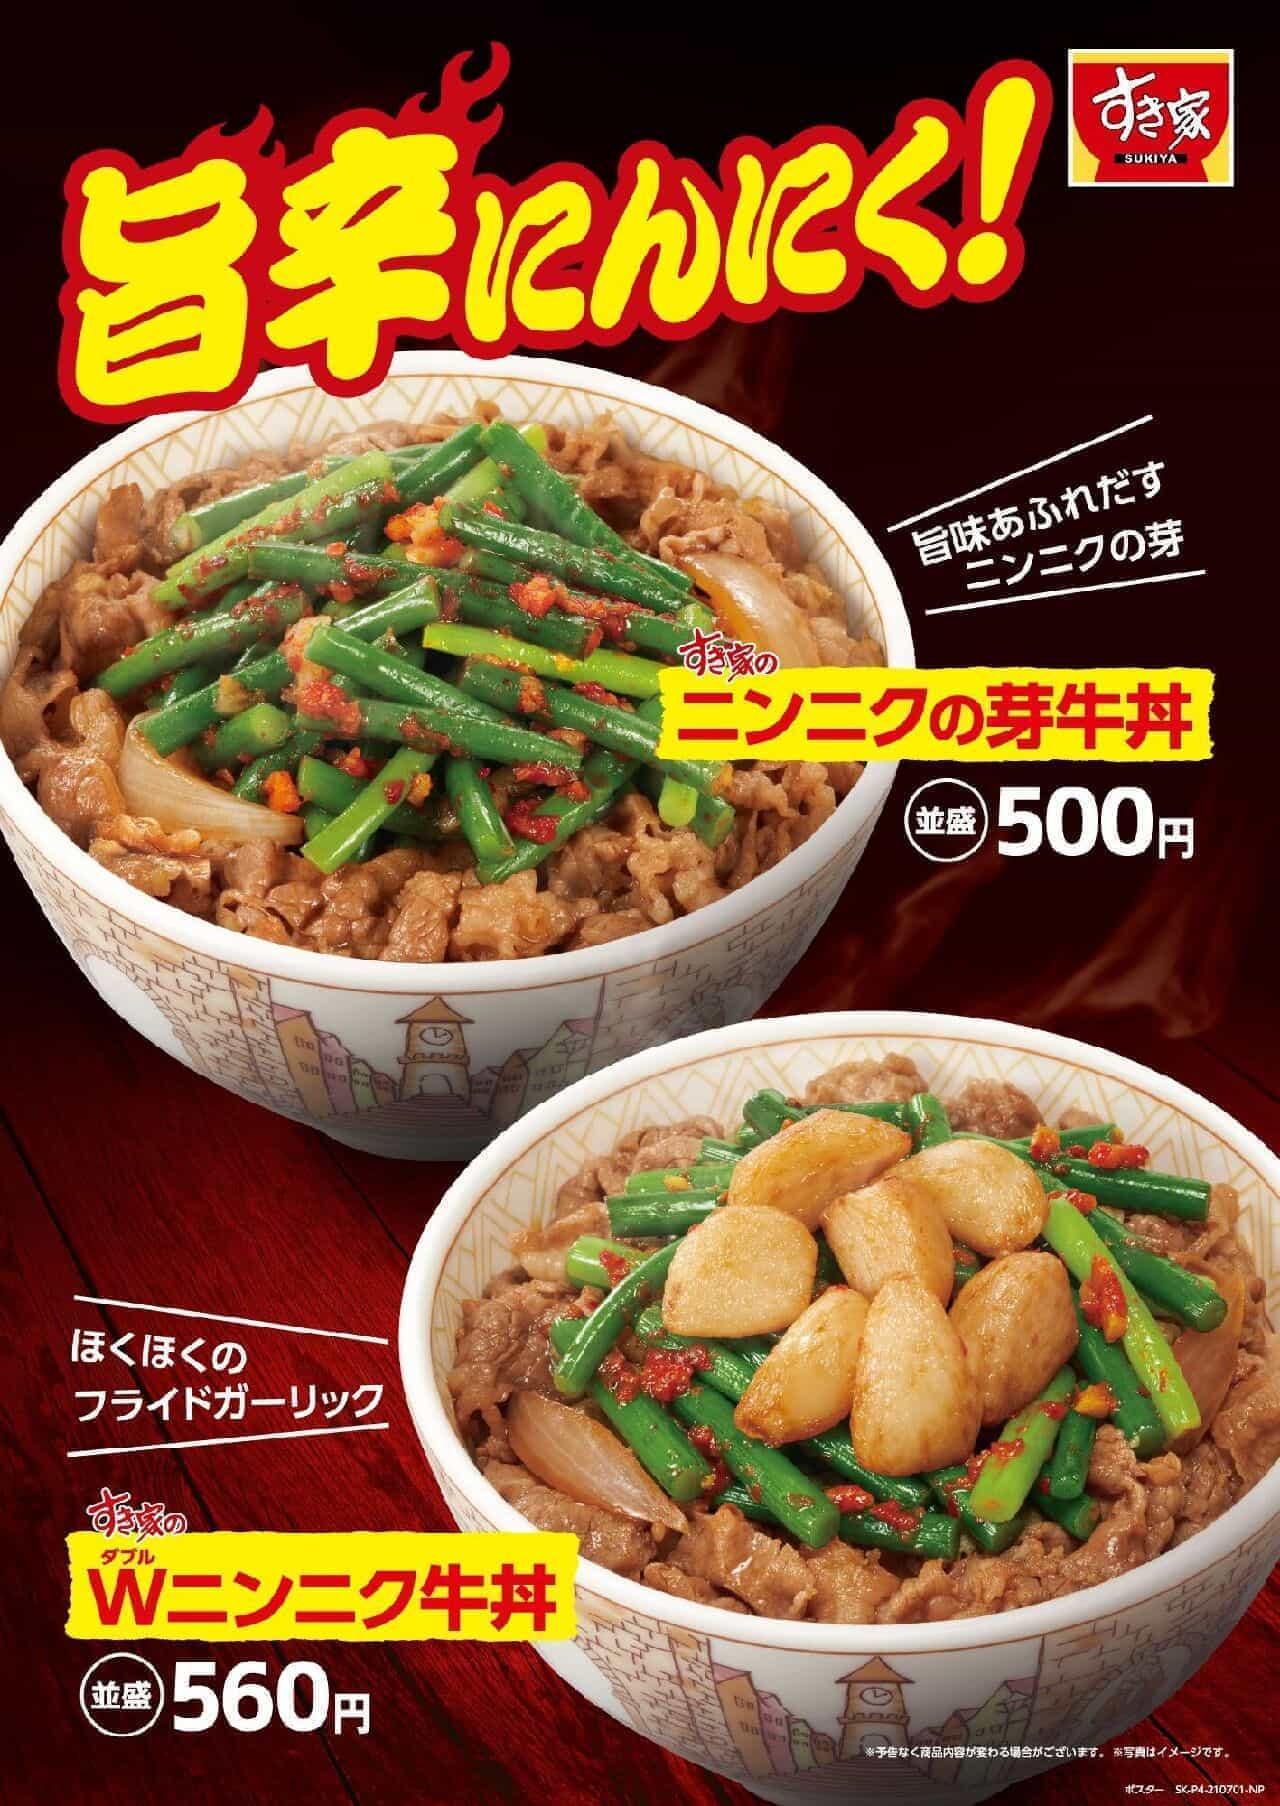 すき家「ニンニクの芽牛丼」「Wニンニク牛丼」